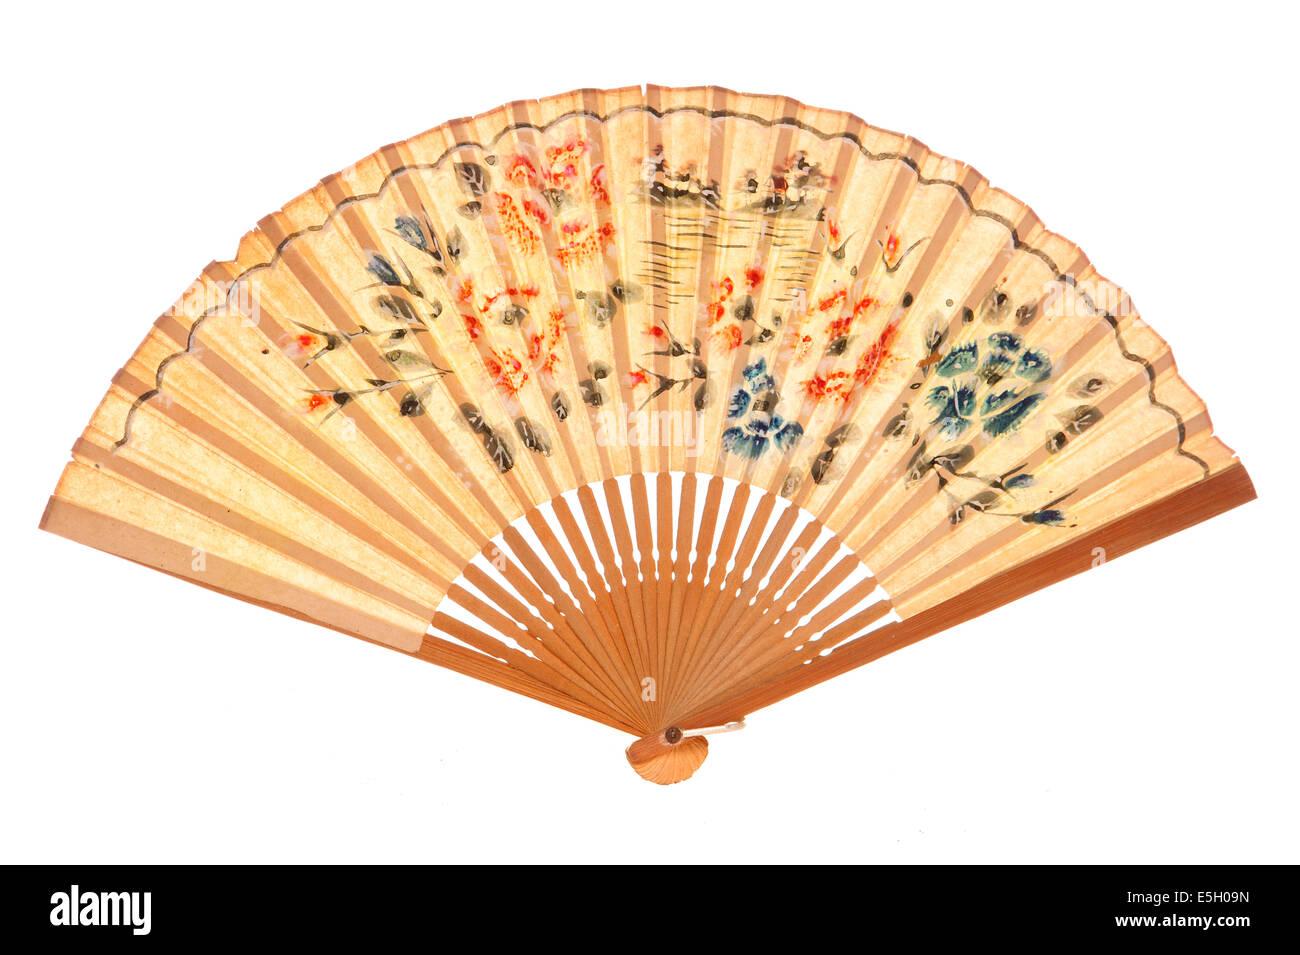 Oriental Fan Stock Photos & Oriental Fan Stock Images - Alamy